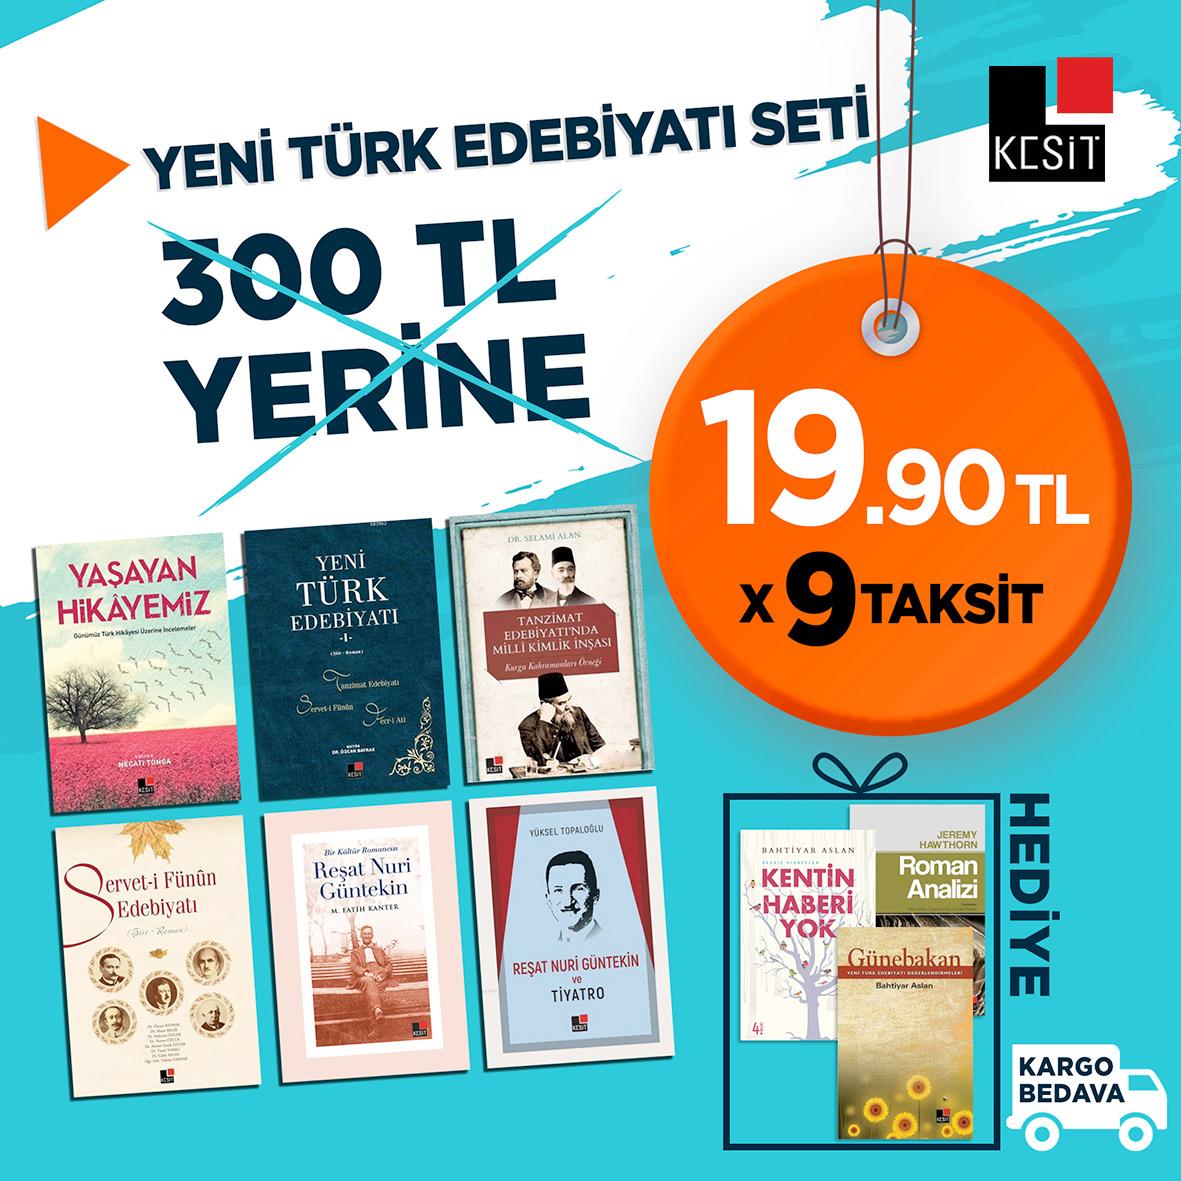 Yeni Türk Edebiyatı Seti